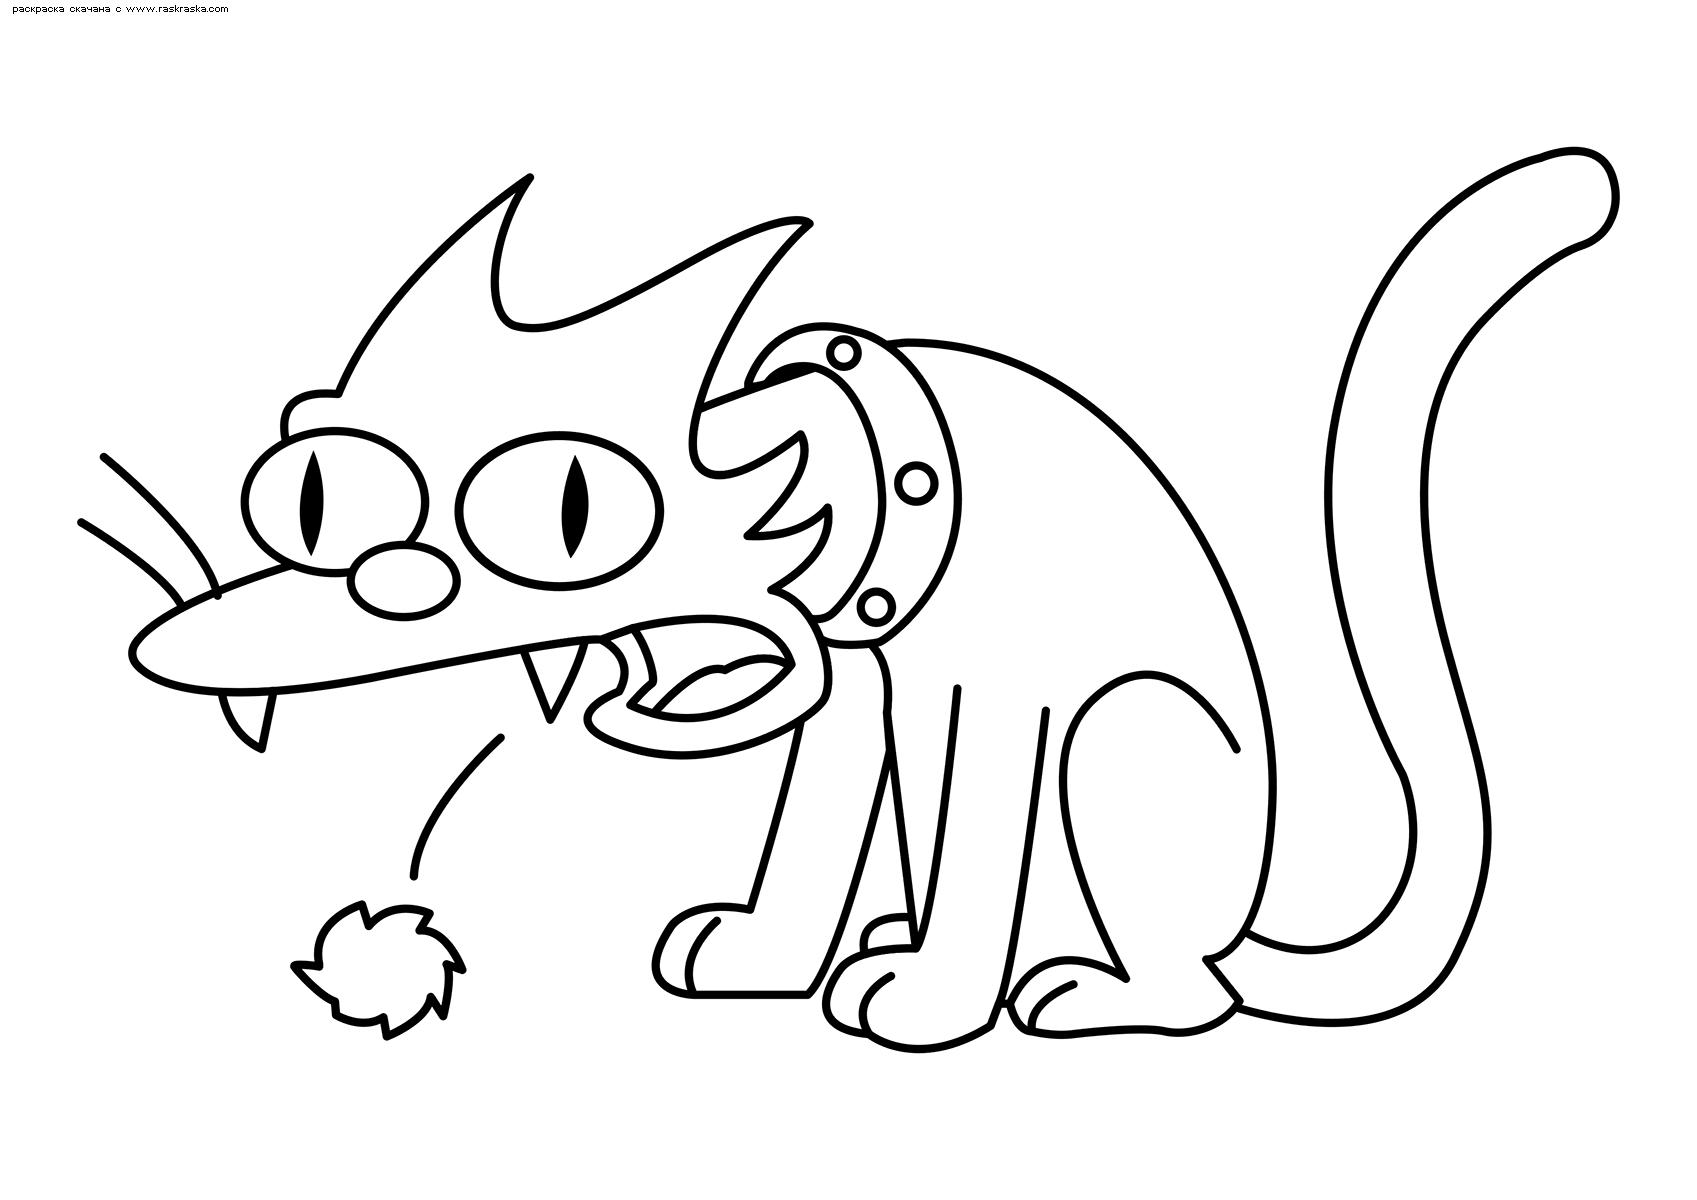 Раскраска Снежок 5. Раскраска Кошка, Симпсоны